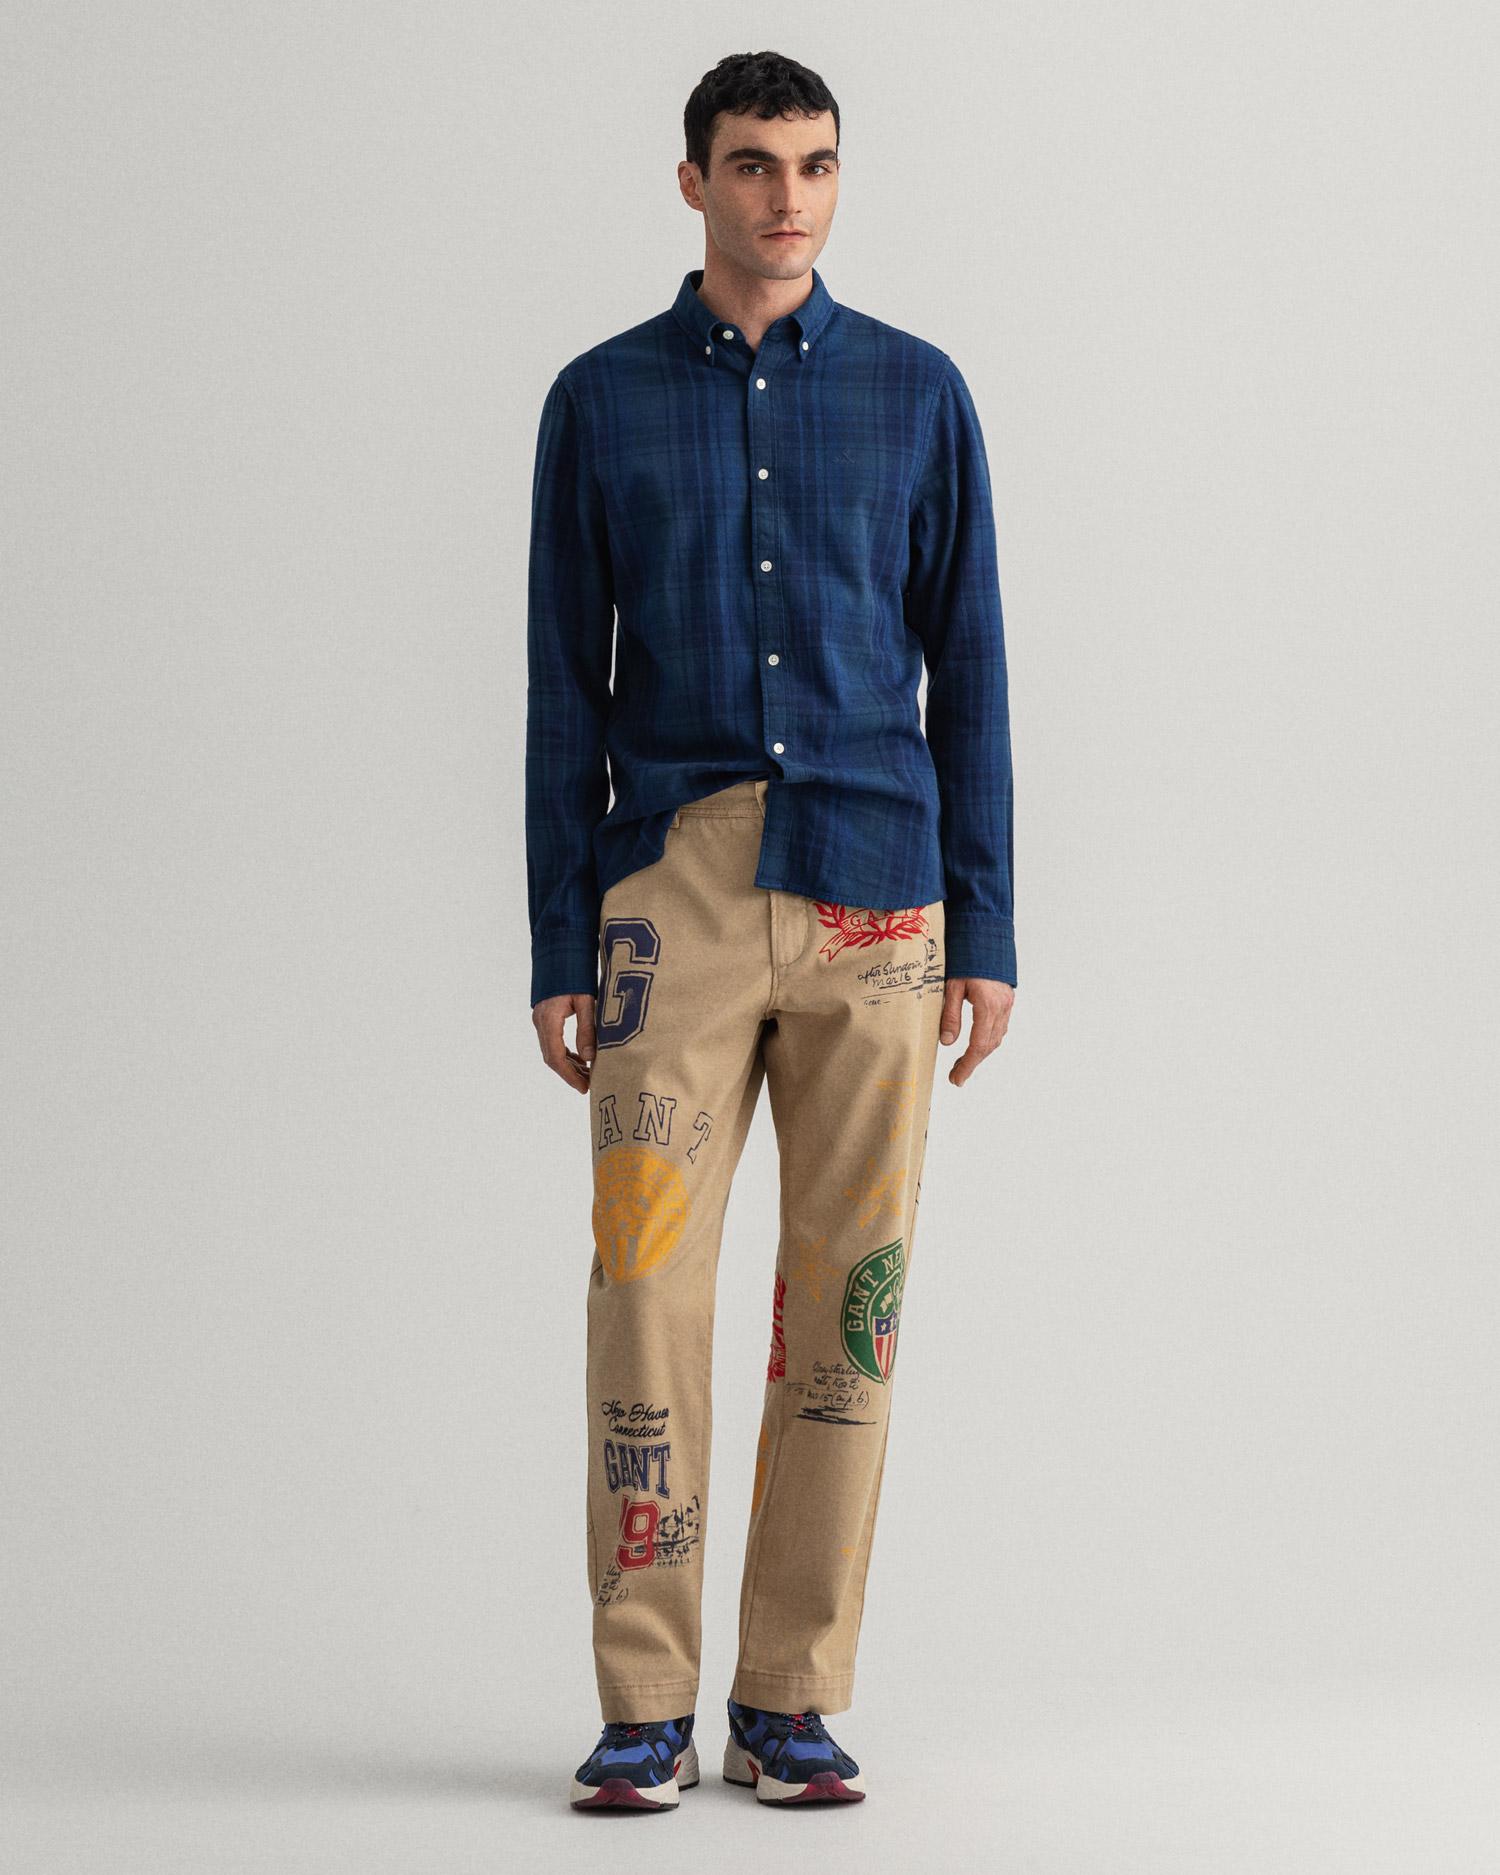 GANT męska koszula z diagonalu w kratkę przerywaną Slim Fit - 3039832